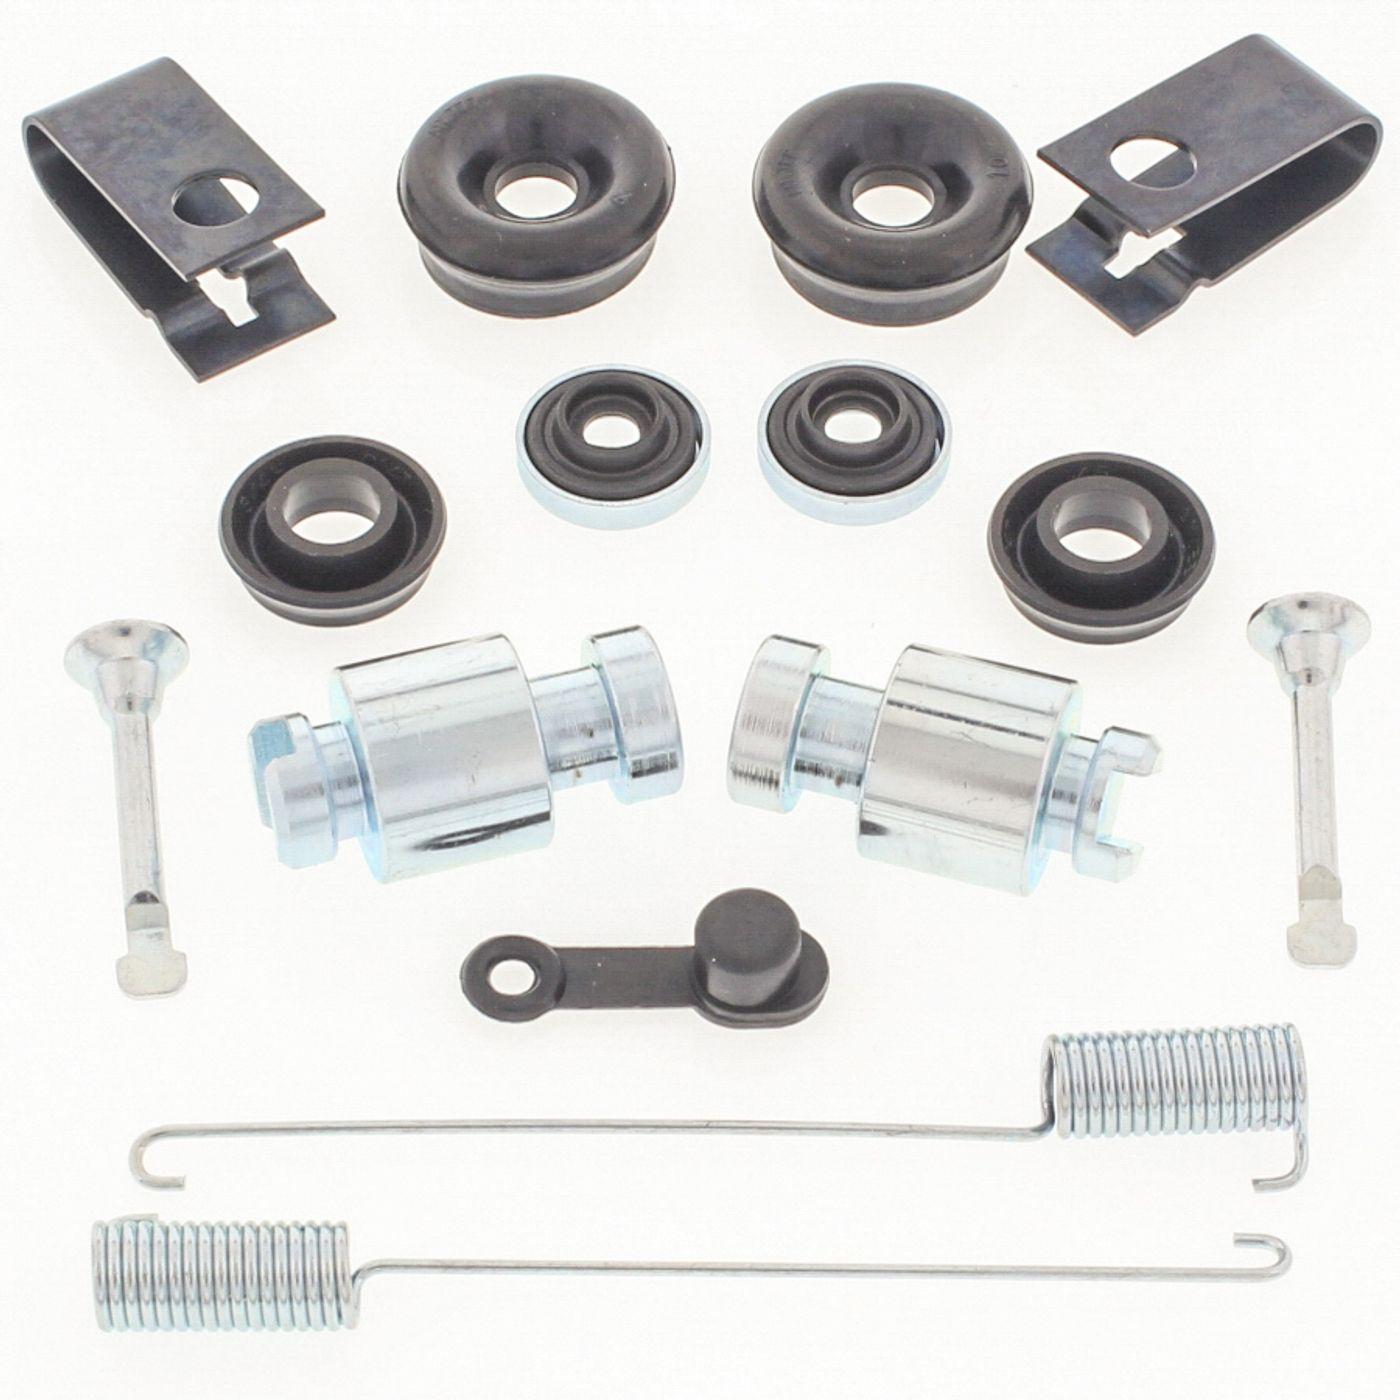 Wrp Wheel Cylinder Rebuild Kit - WRP185003 image